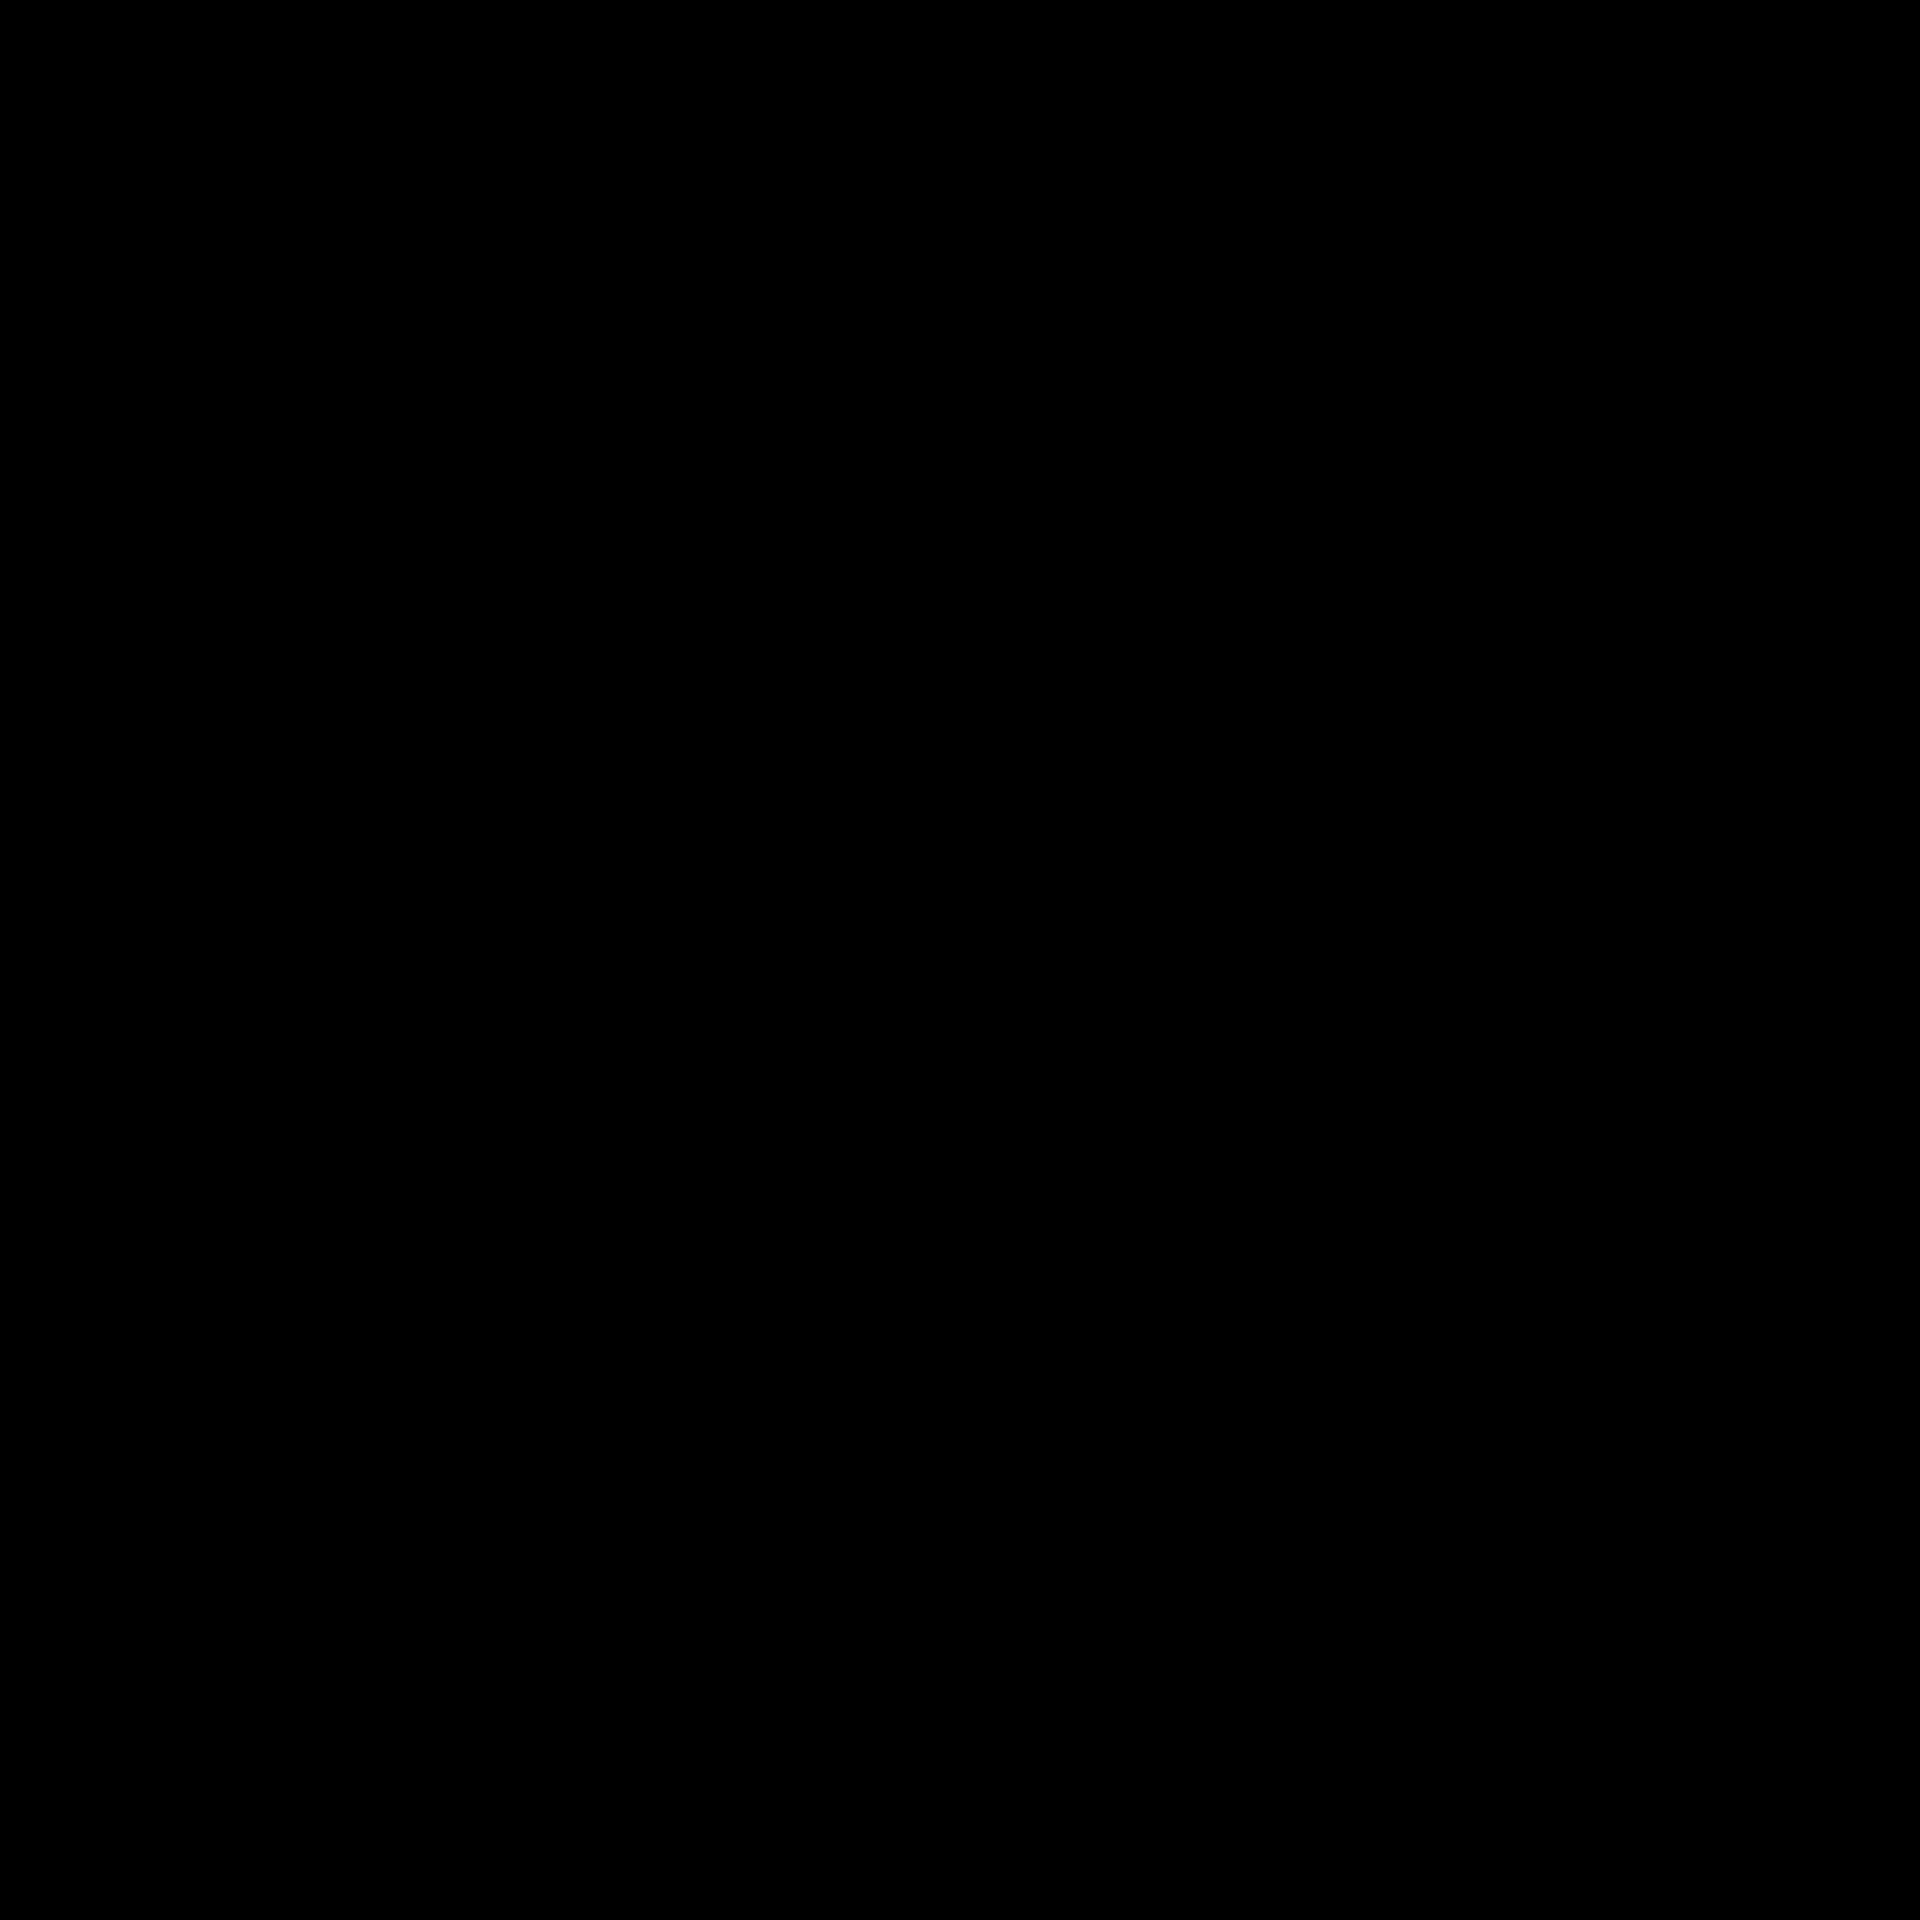 Zwei gustavianische Schwanenhals Modelle aus alter Zeit